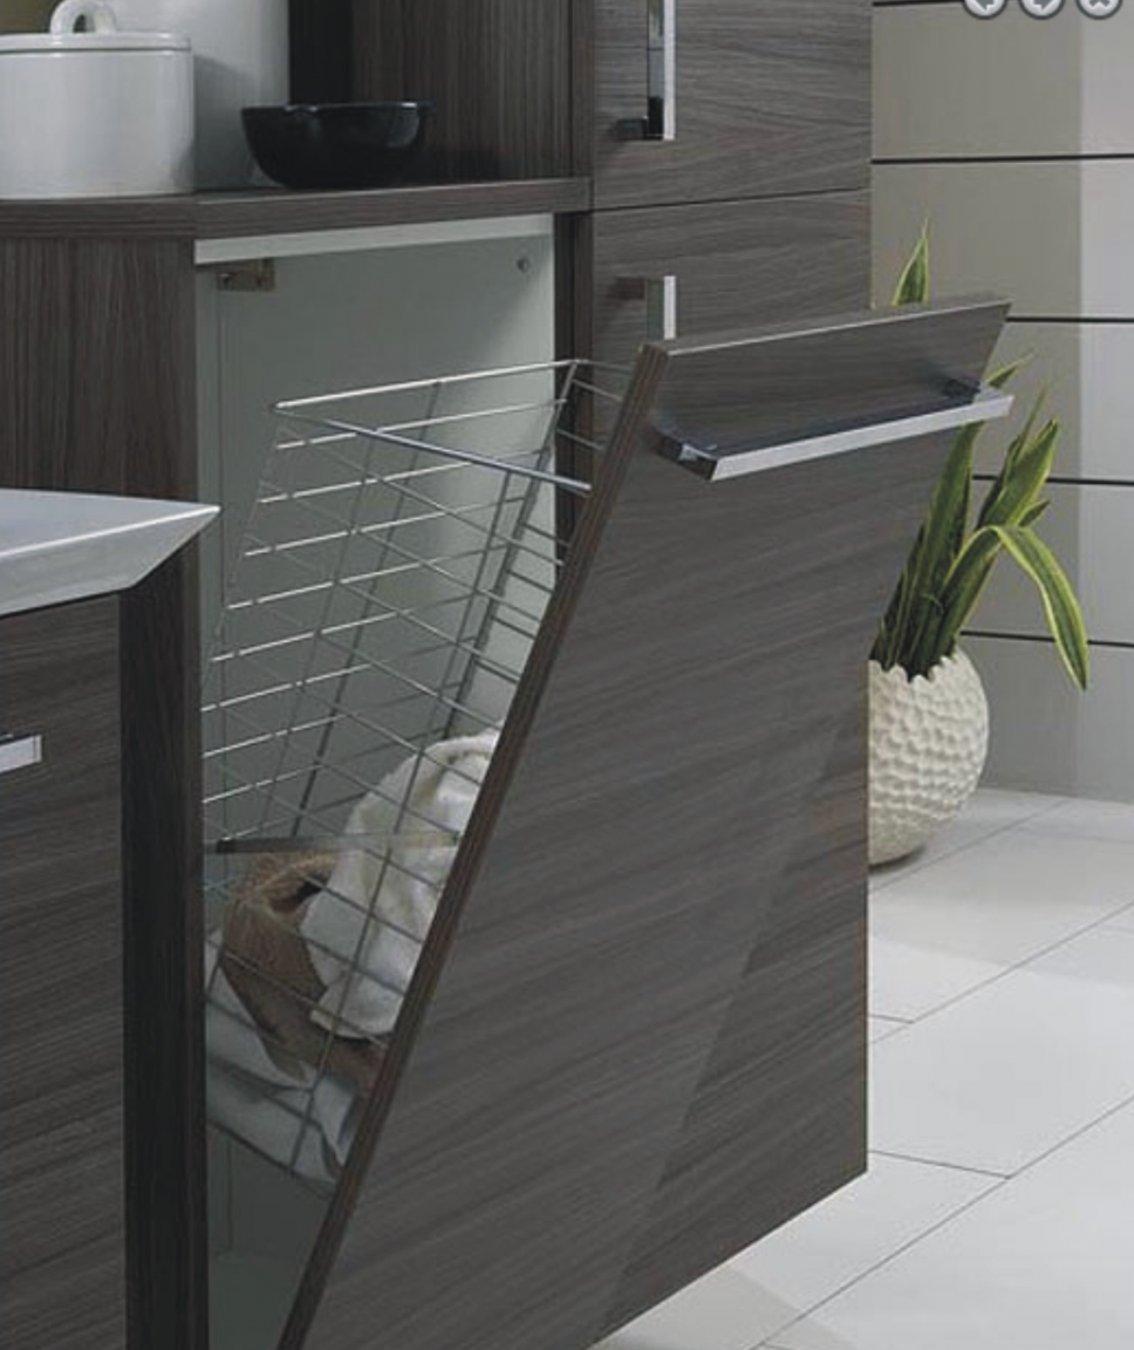 bad hochschrank mit w schekippe schrank mit w schekippe qm22 hitoiro bad hochschrank mit w. Black Bedroom Furniture Sets. Home Design Ideas